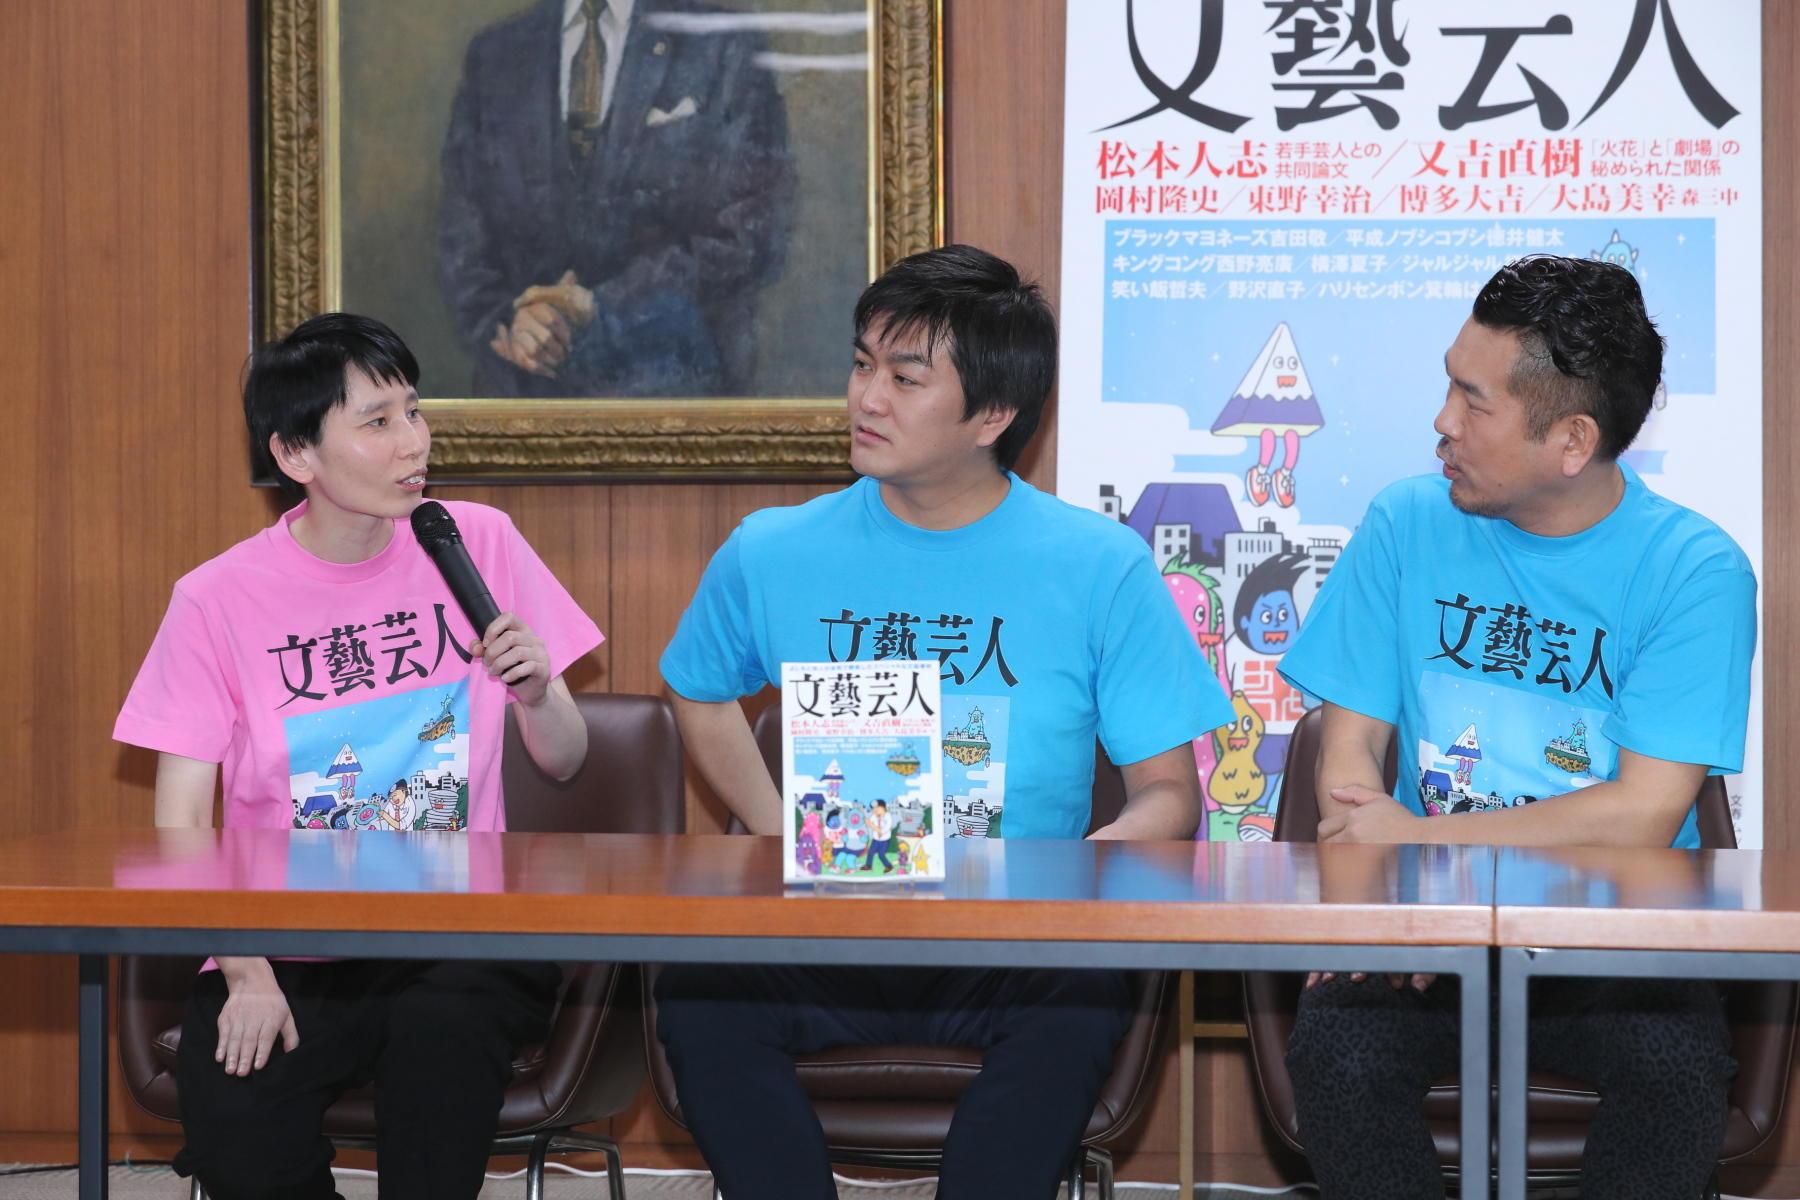 http://news.yoshimoto.co.jp/20170316201858-21fdf4a016aa0f41d228369b9a407bf61c59a61b.jpg